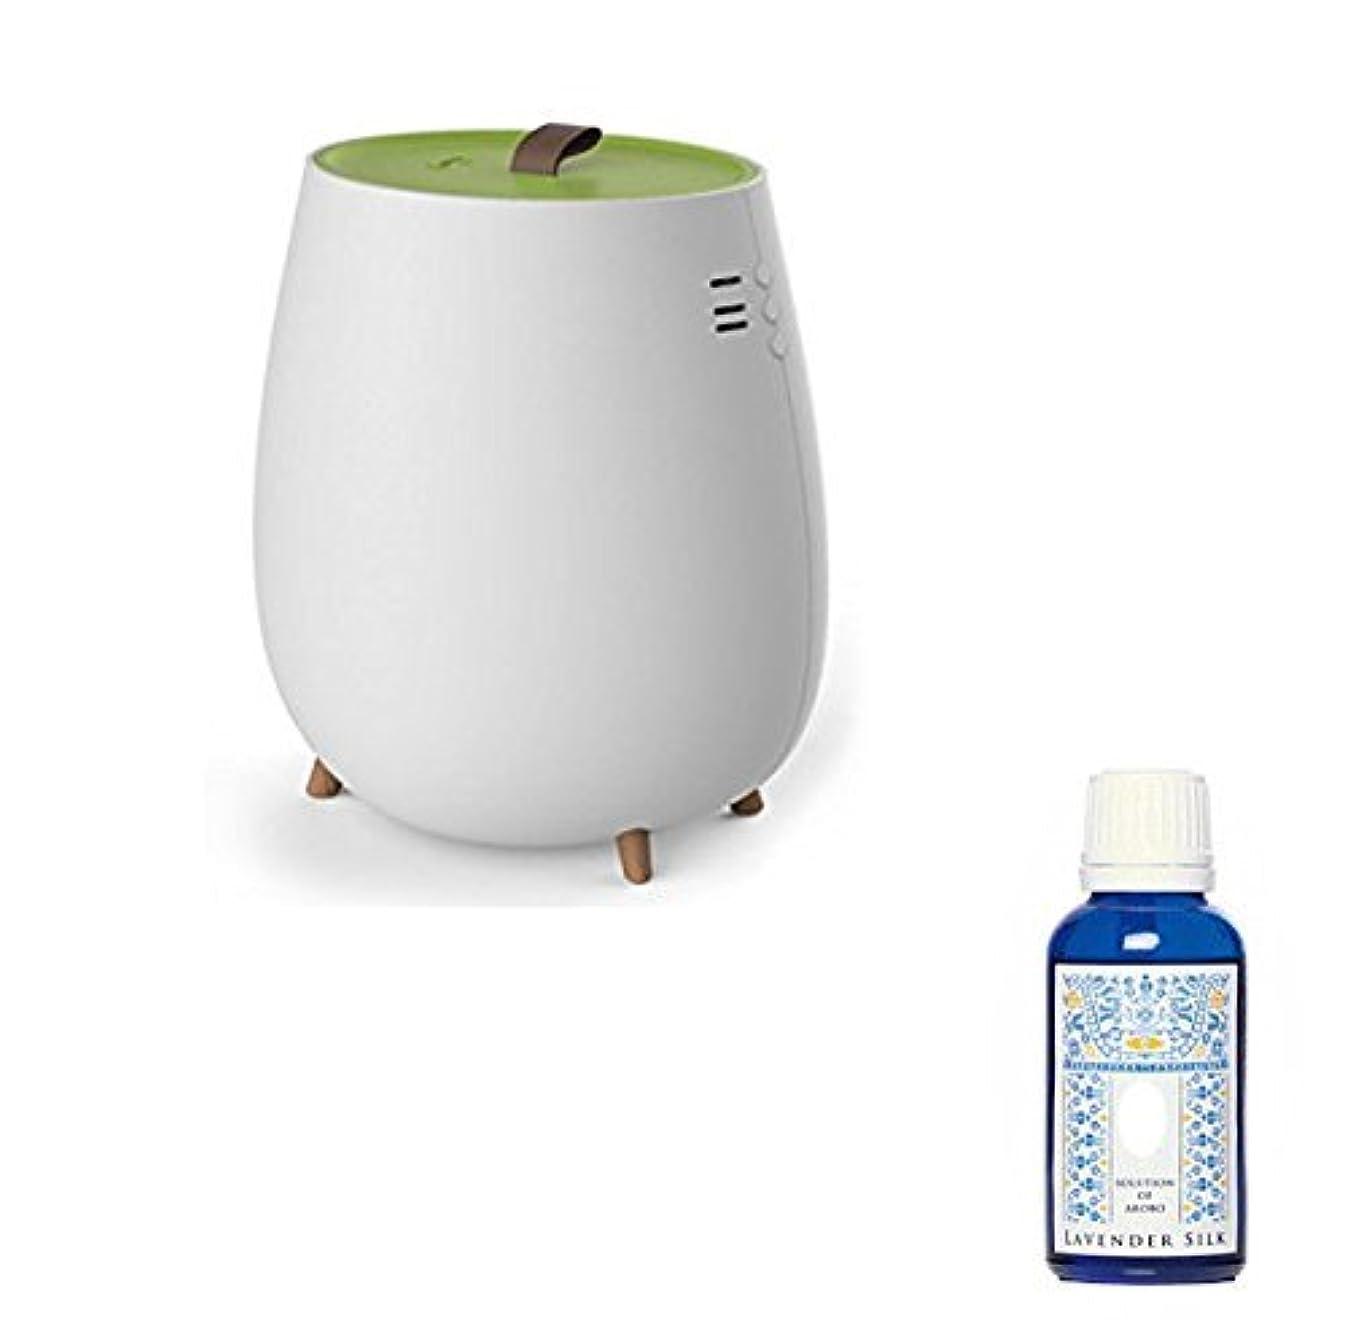 新年禁じる教室アロマ加湿器 超音波加湿器 2.3L セラヴィ アロマソリューション付 CLV-296 グリーン